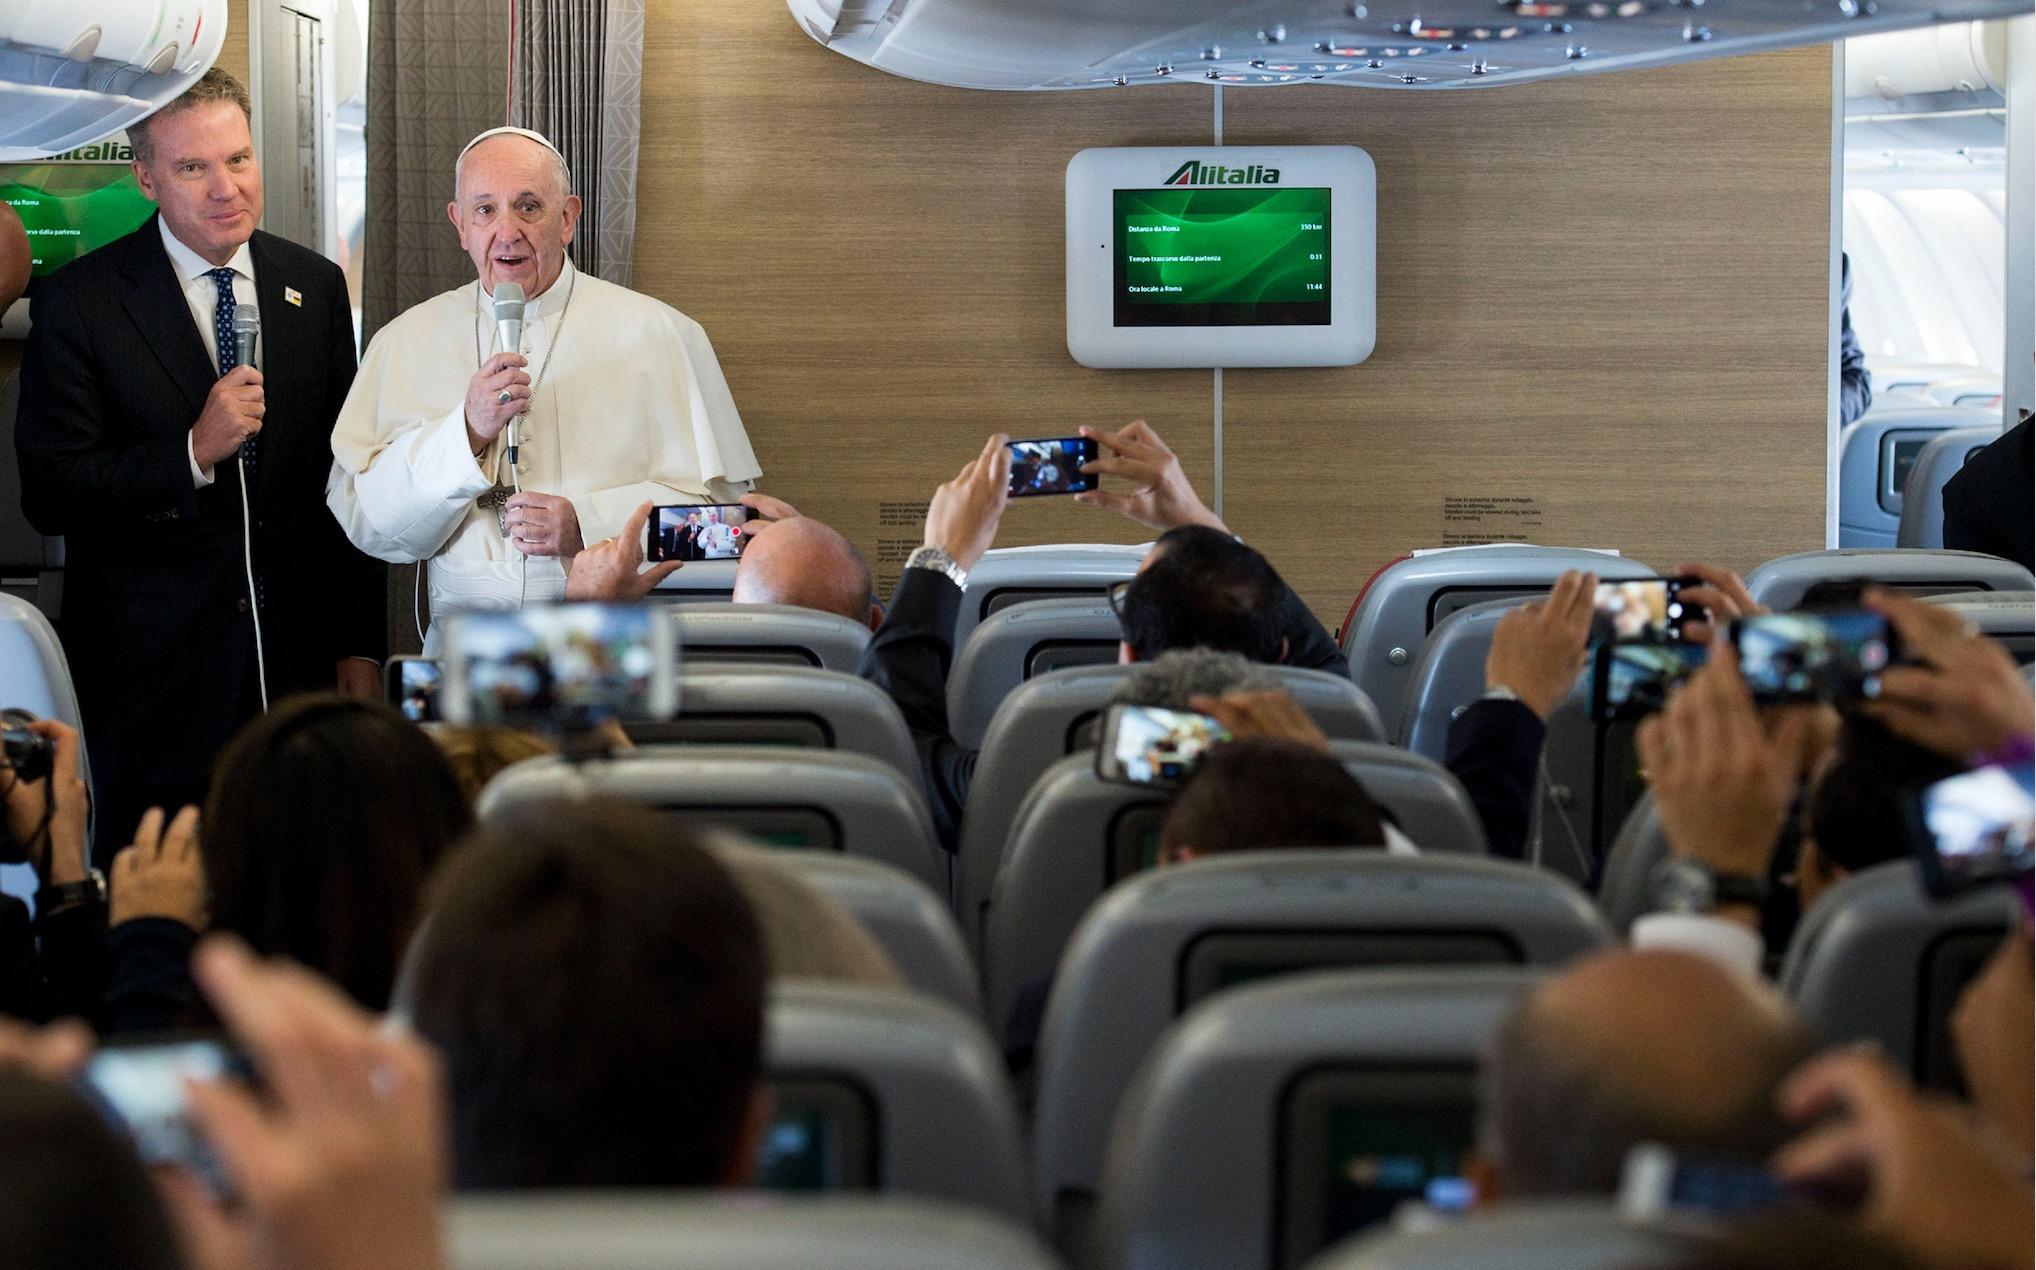 Conferencia de prensa del Papa en el avión © Vatican Media